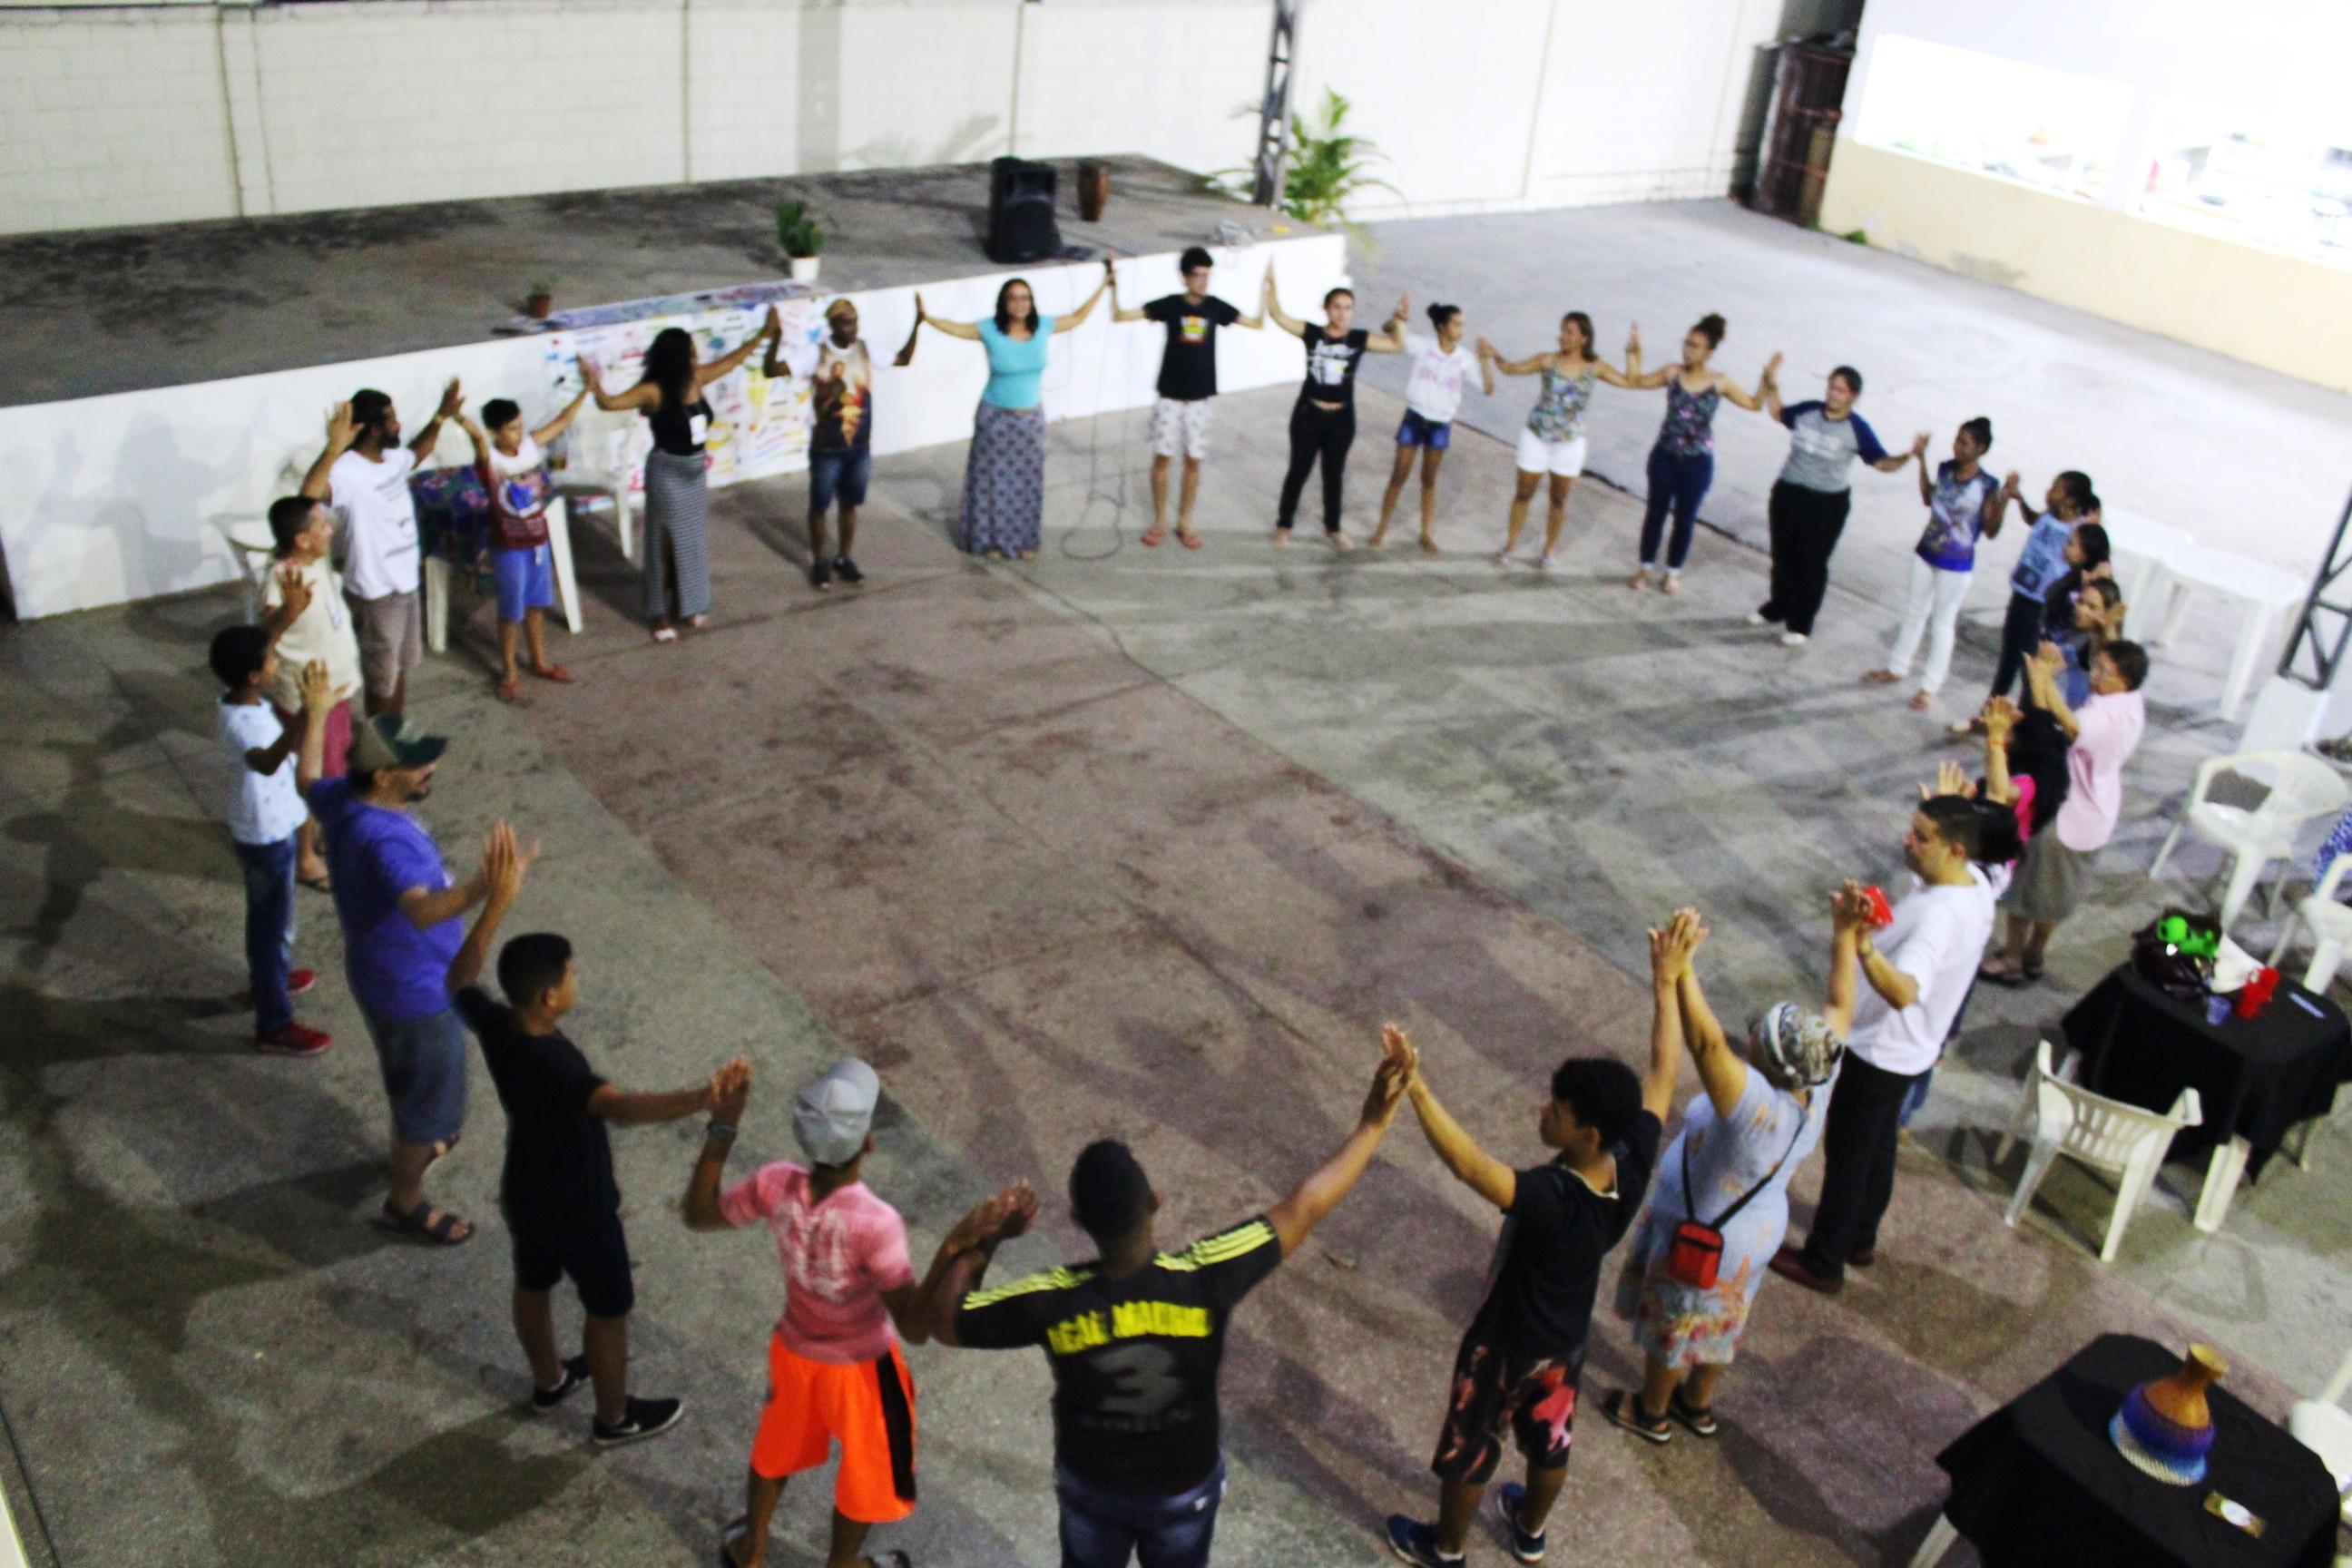 Juventude e Bem Viver: encontro reúne jovens da Arquidiocese de Cuiabá